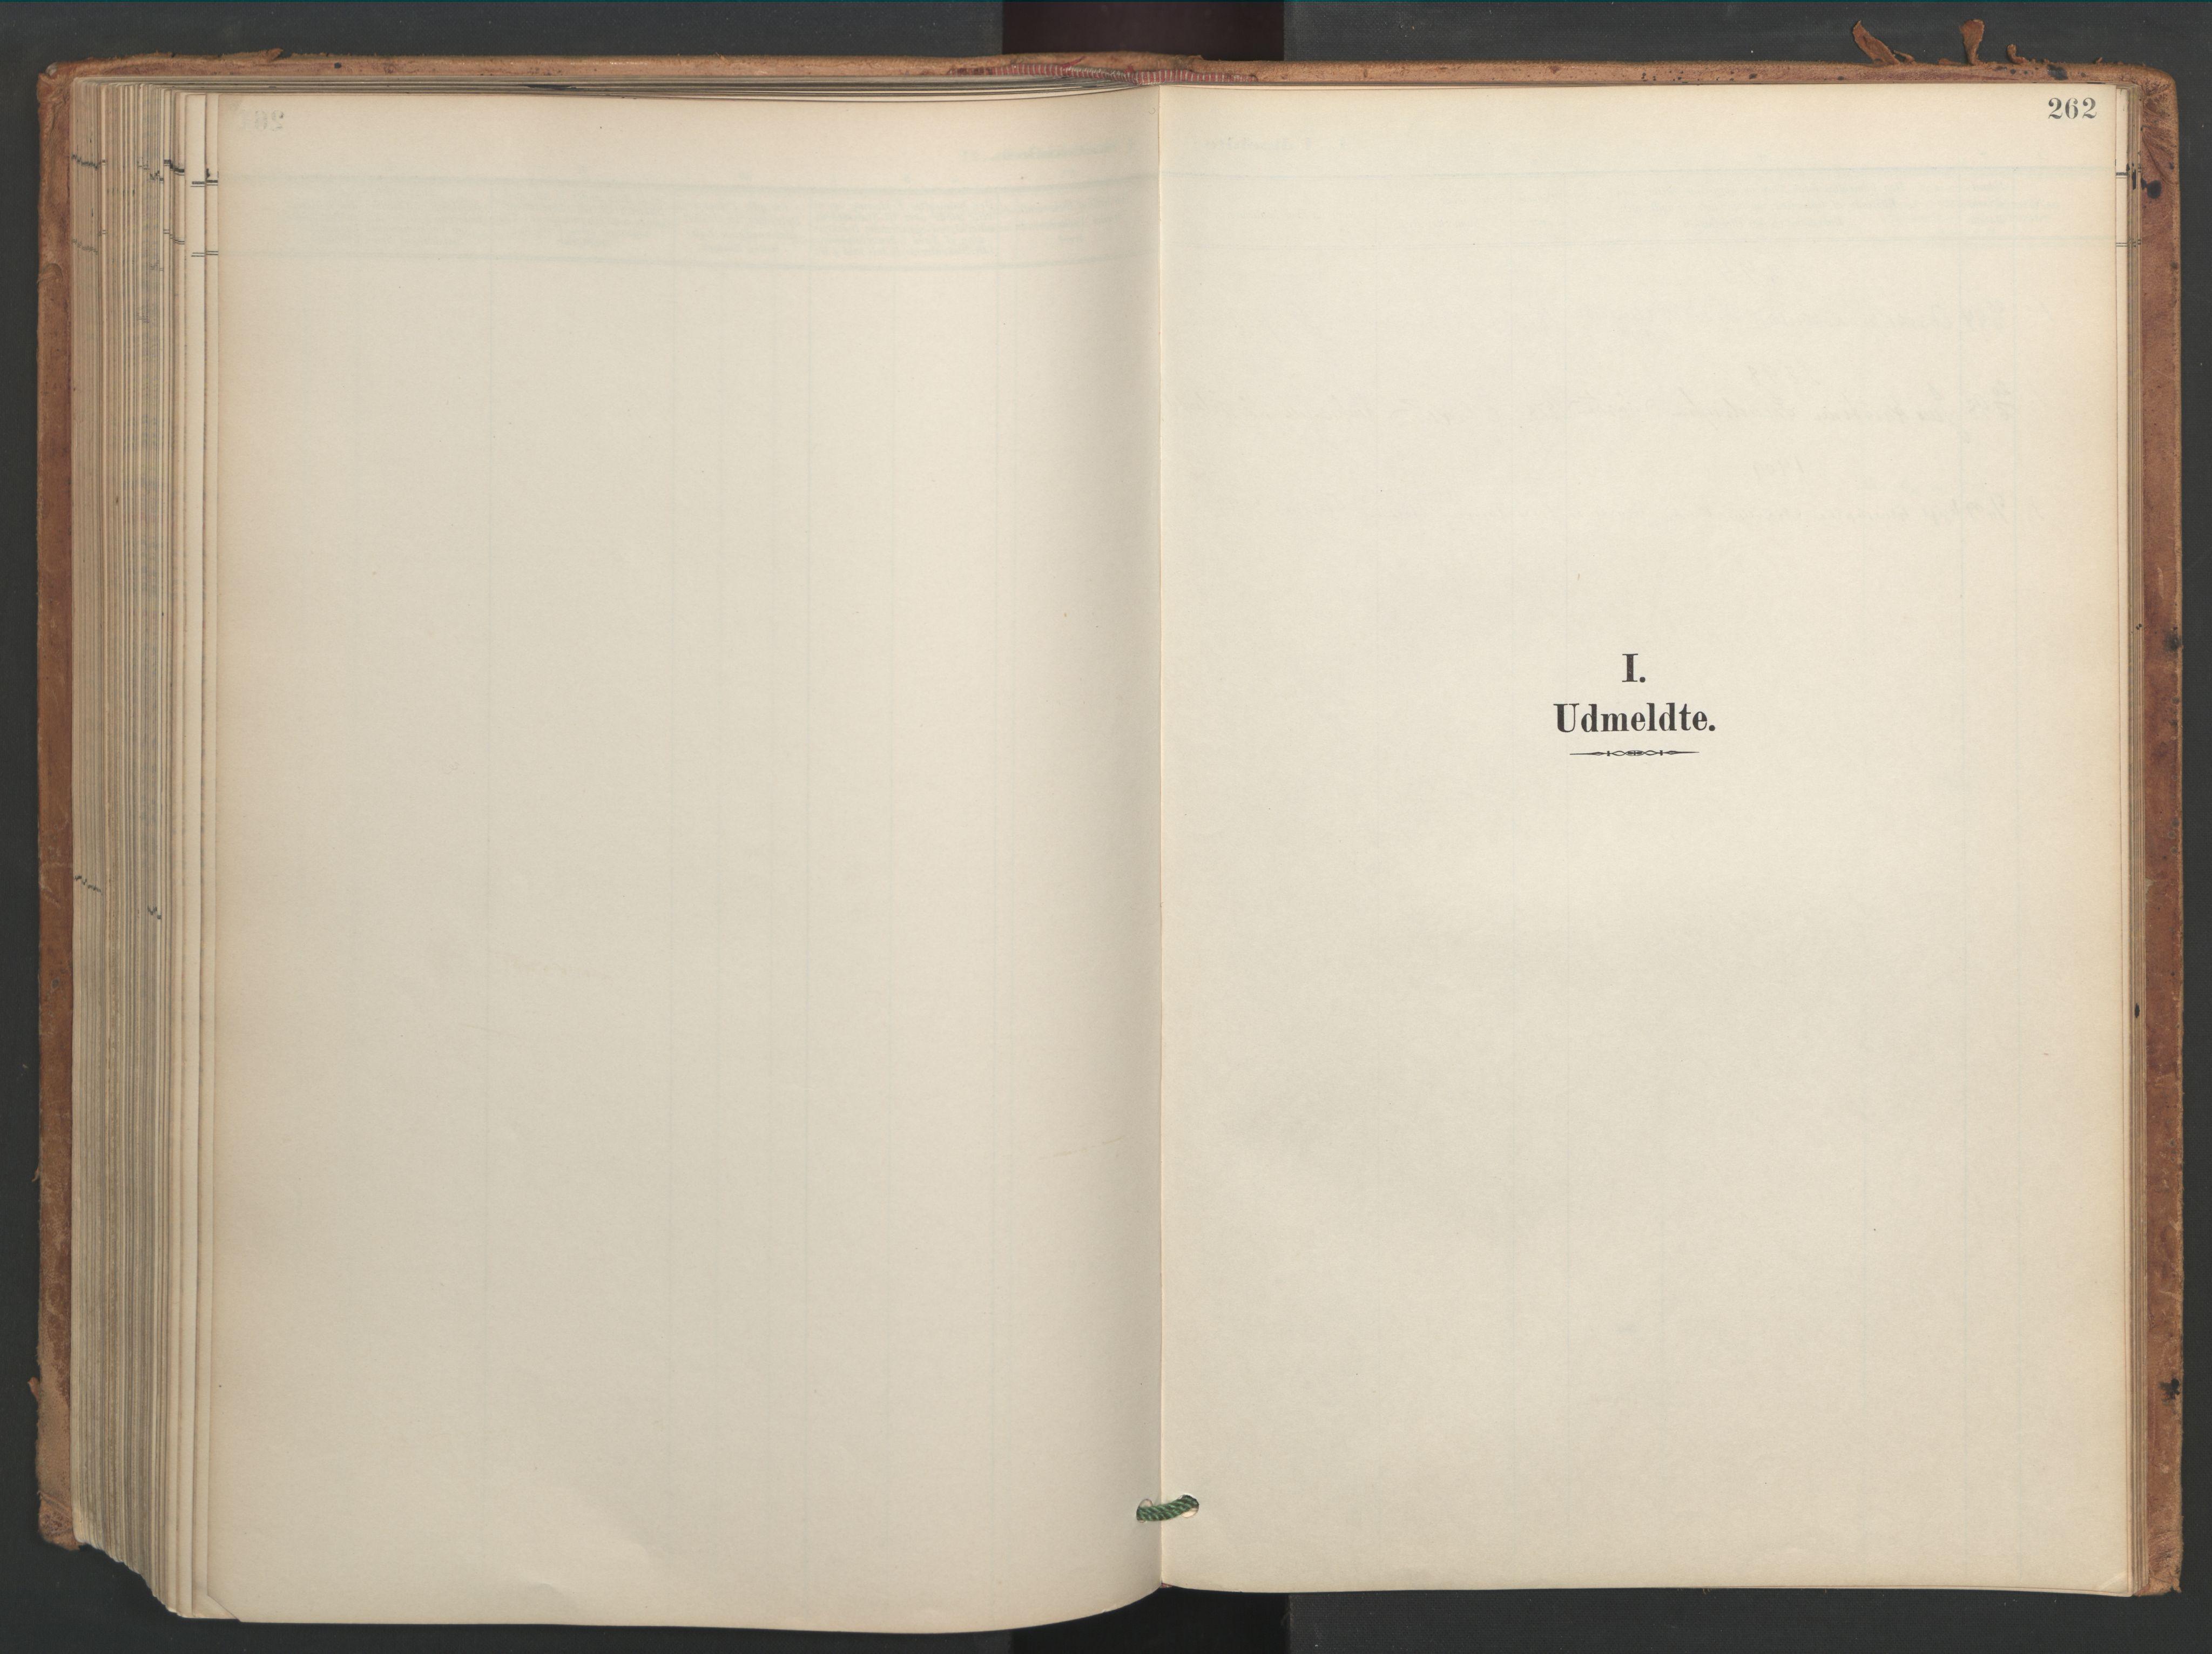 SAT, Ministerialprotokoller, klokkerbøker og fødselsregistre - Sør-Trøndelag, 656/L0693: Ministerialbok nr. 656A02, 1894-1913, s. 262